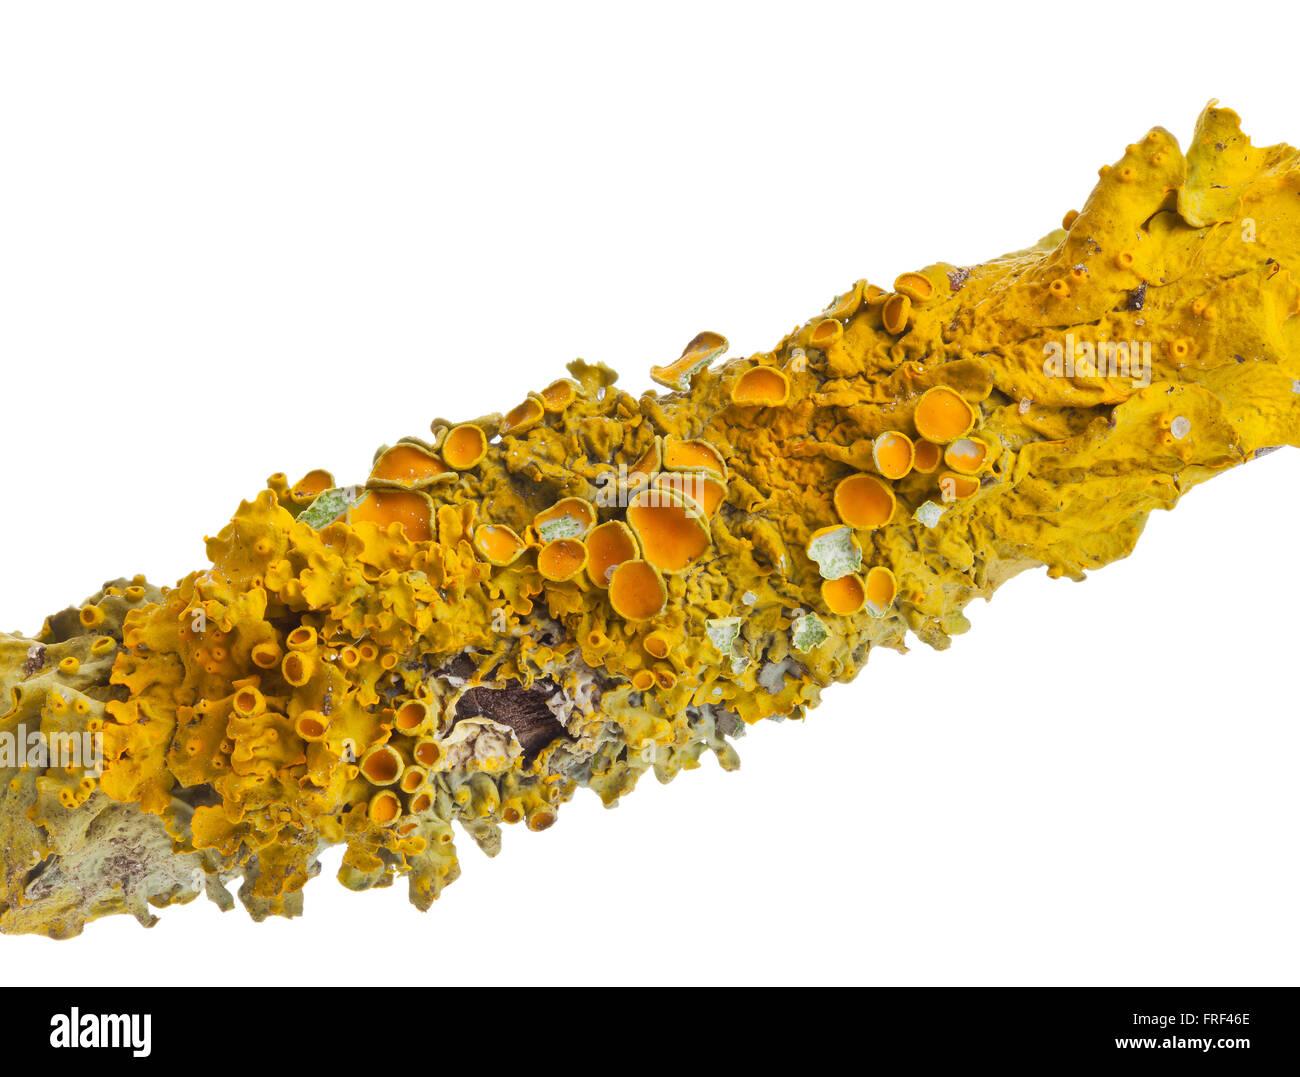 Common orange lichen (also yellow scale, maritime sunburst lichen or shore lichen) (Xanthoria parietina) on tree - Stock Image